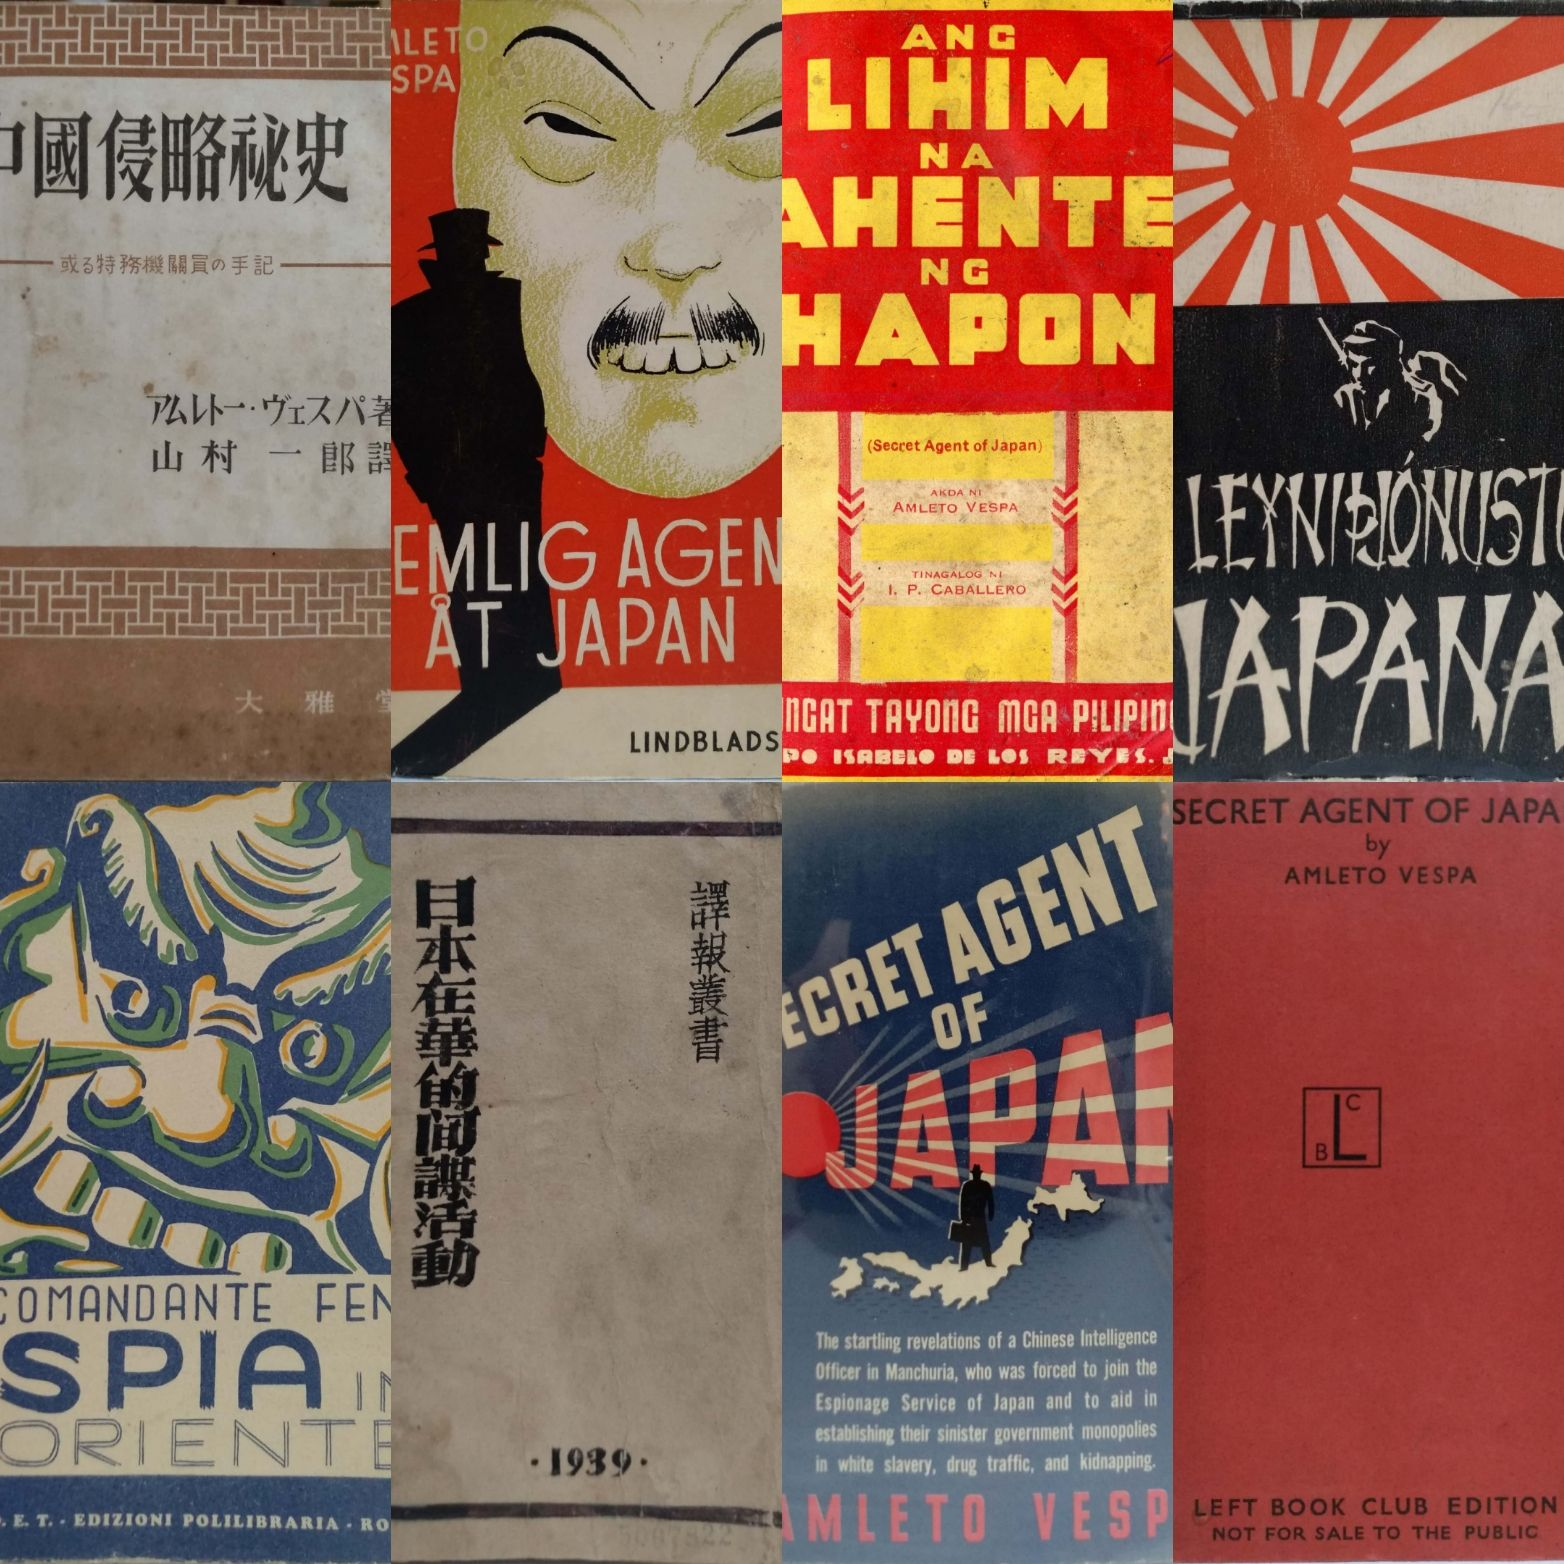 Amleto Vespa, spia italo-cinese, e le edizioni del libro che causarono la sua morte